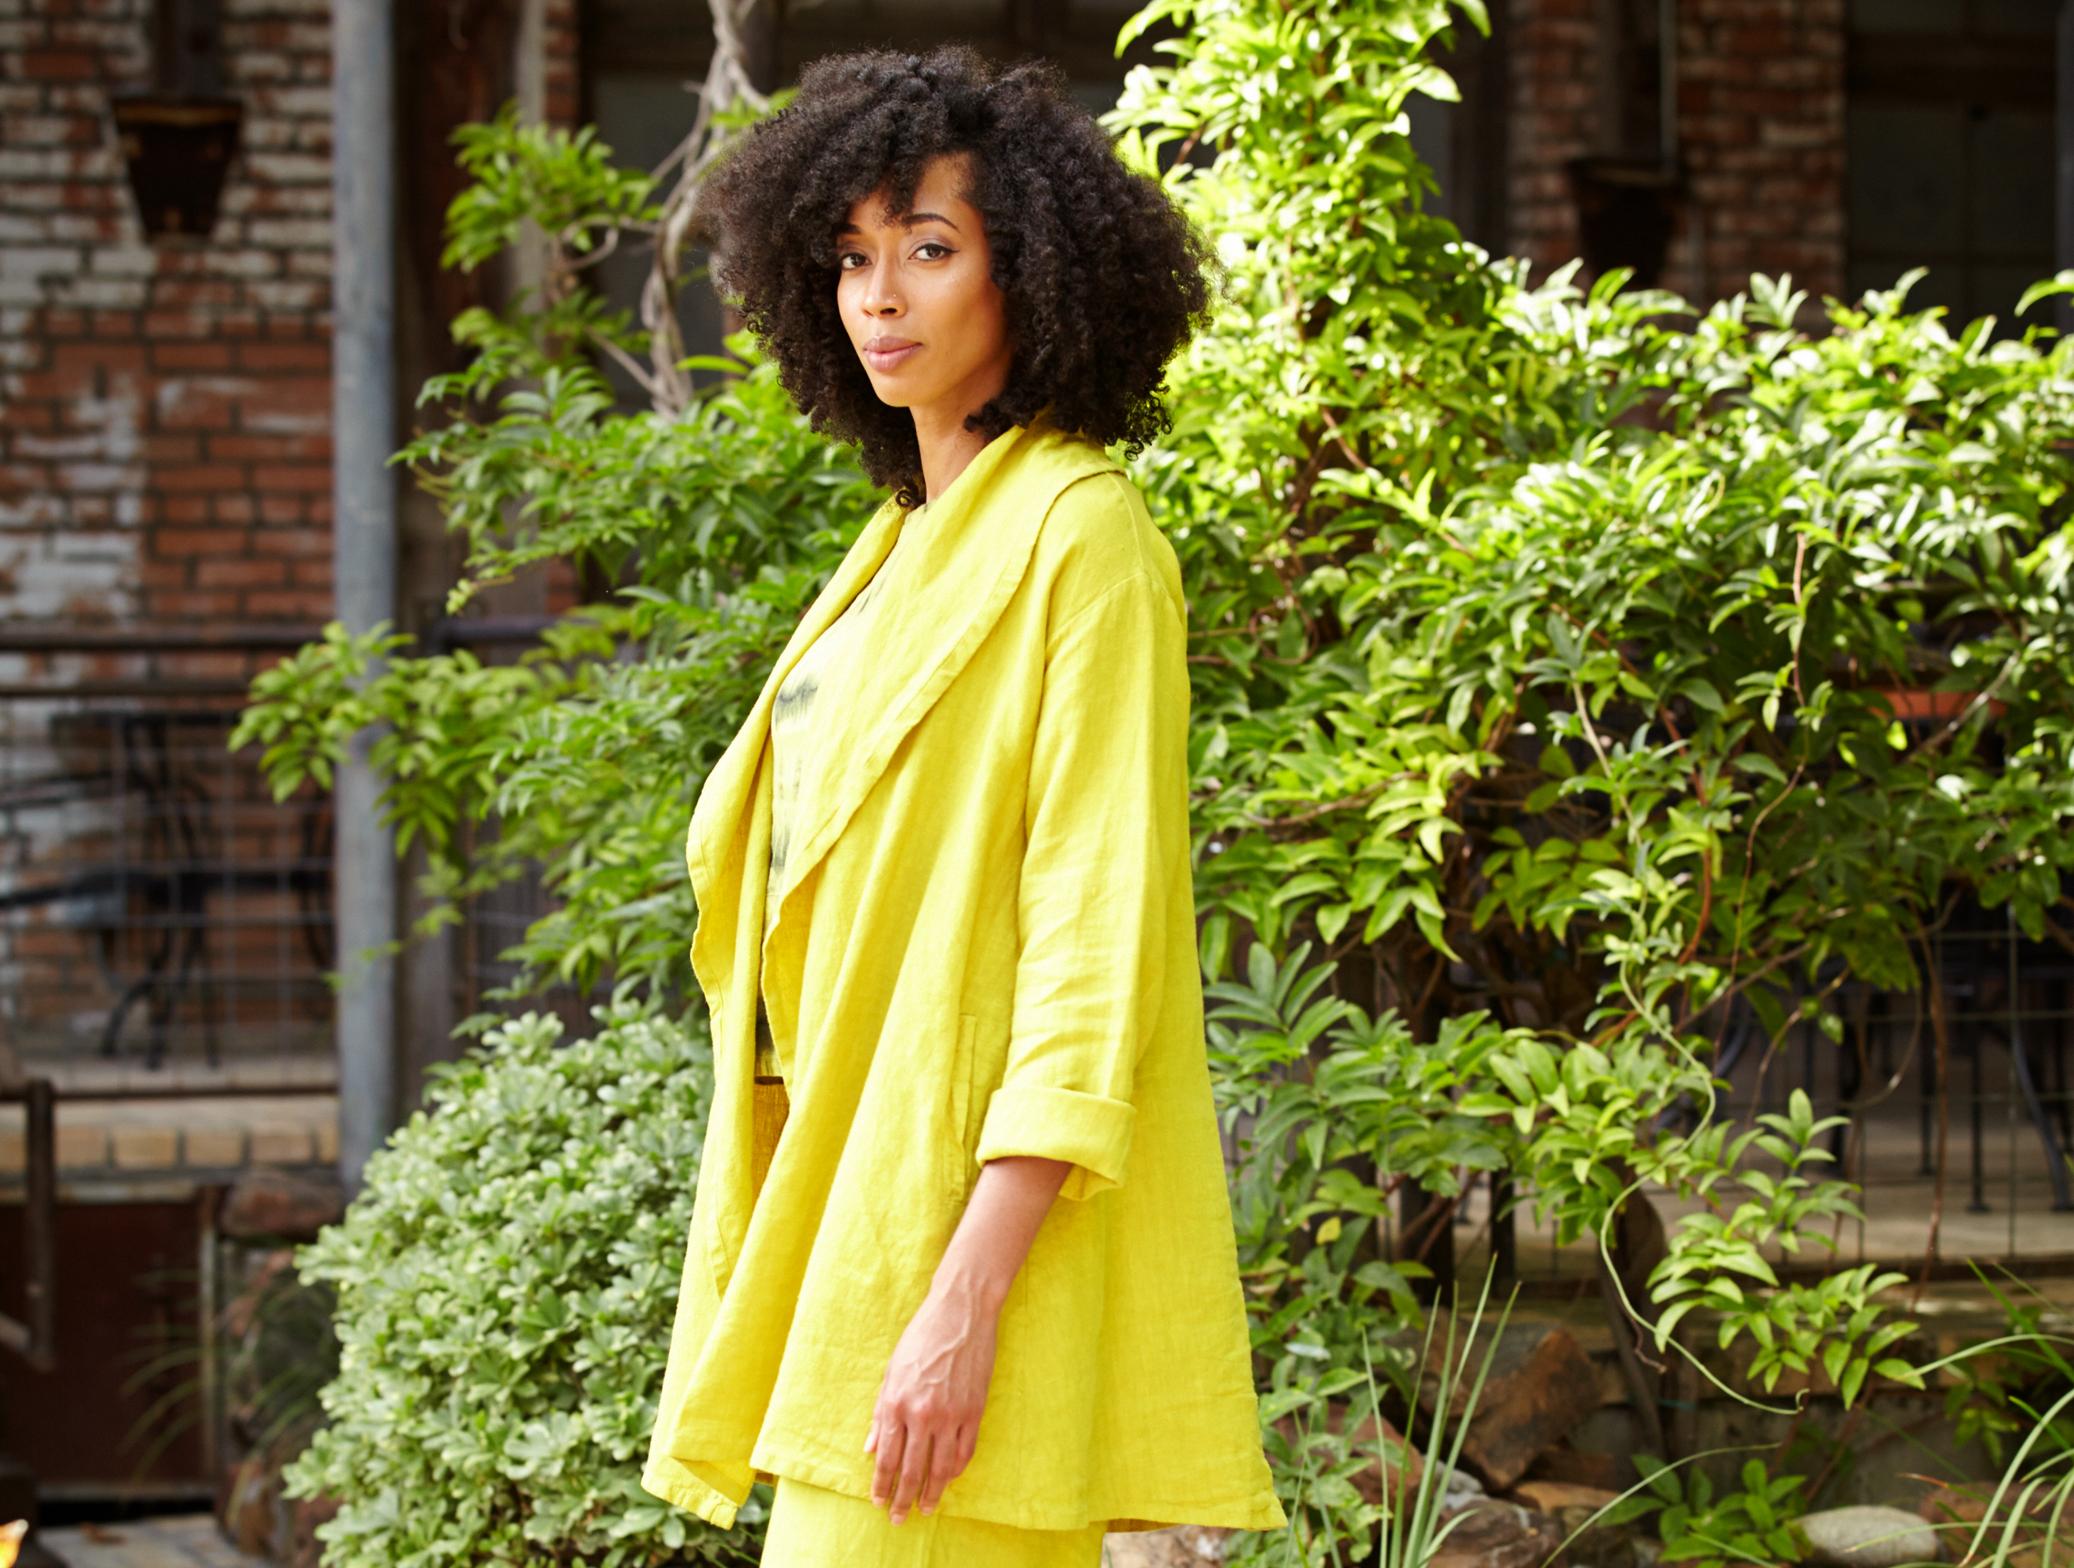 Marcella Jacket in Oriole Heavy Linen, Long Full Pant in Oriole Light Linen, Basic Tank in Oriole Tie Dye Linen